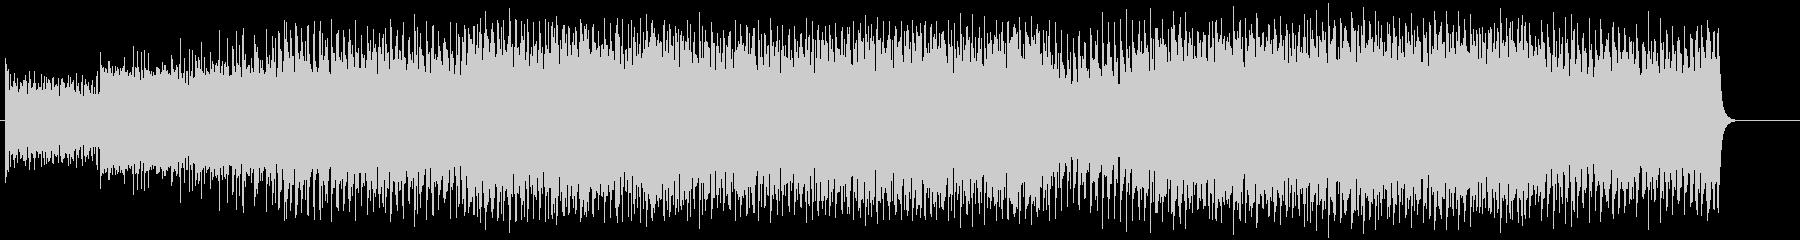 テイクオフしてゆくスリリングなサウンドの未再生の波形